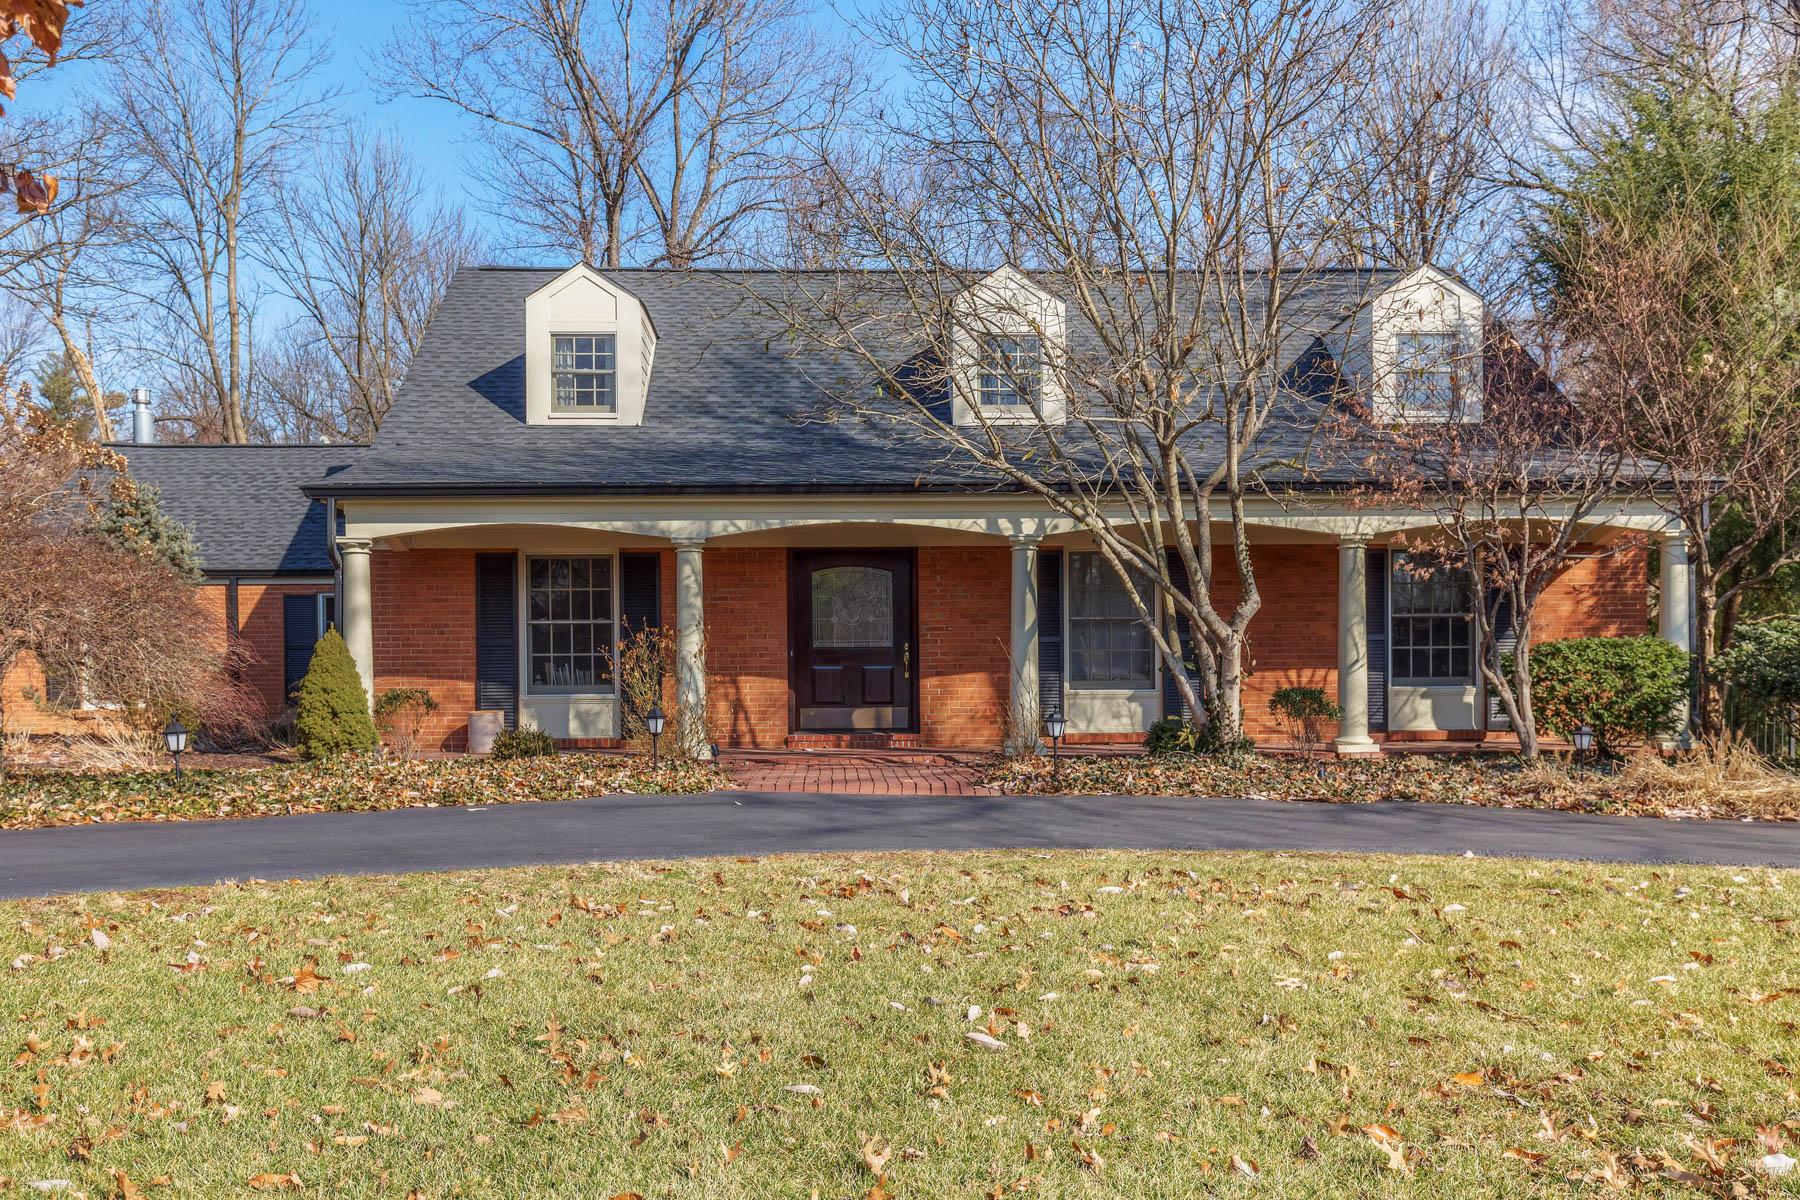 Casa para uma família para Venda às Watch Hill Road 3 Watch Hill Road Ladue, Missouri, 63124 Estados Unidos